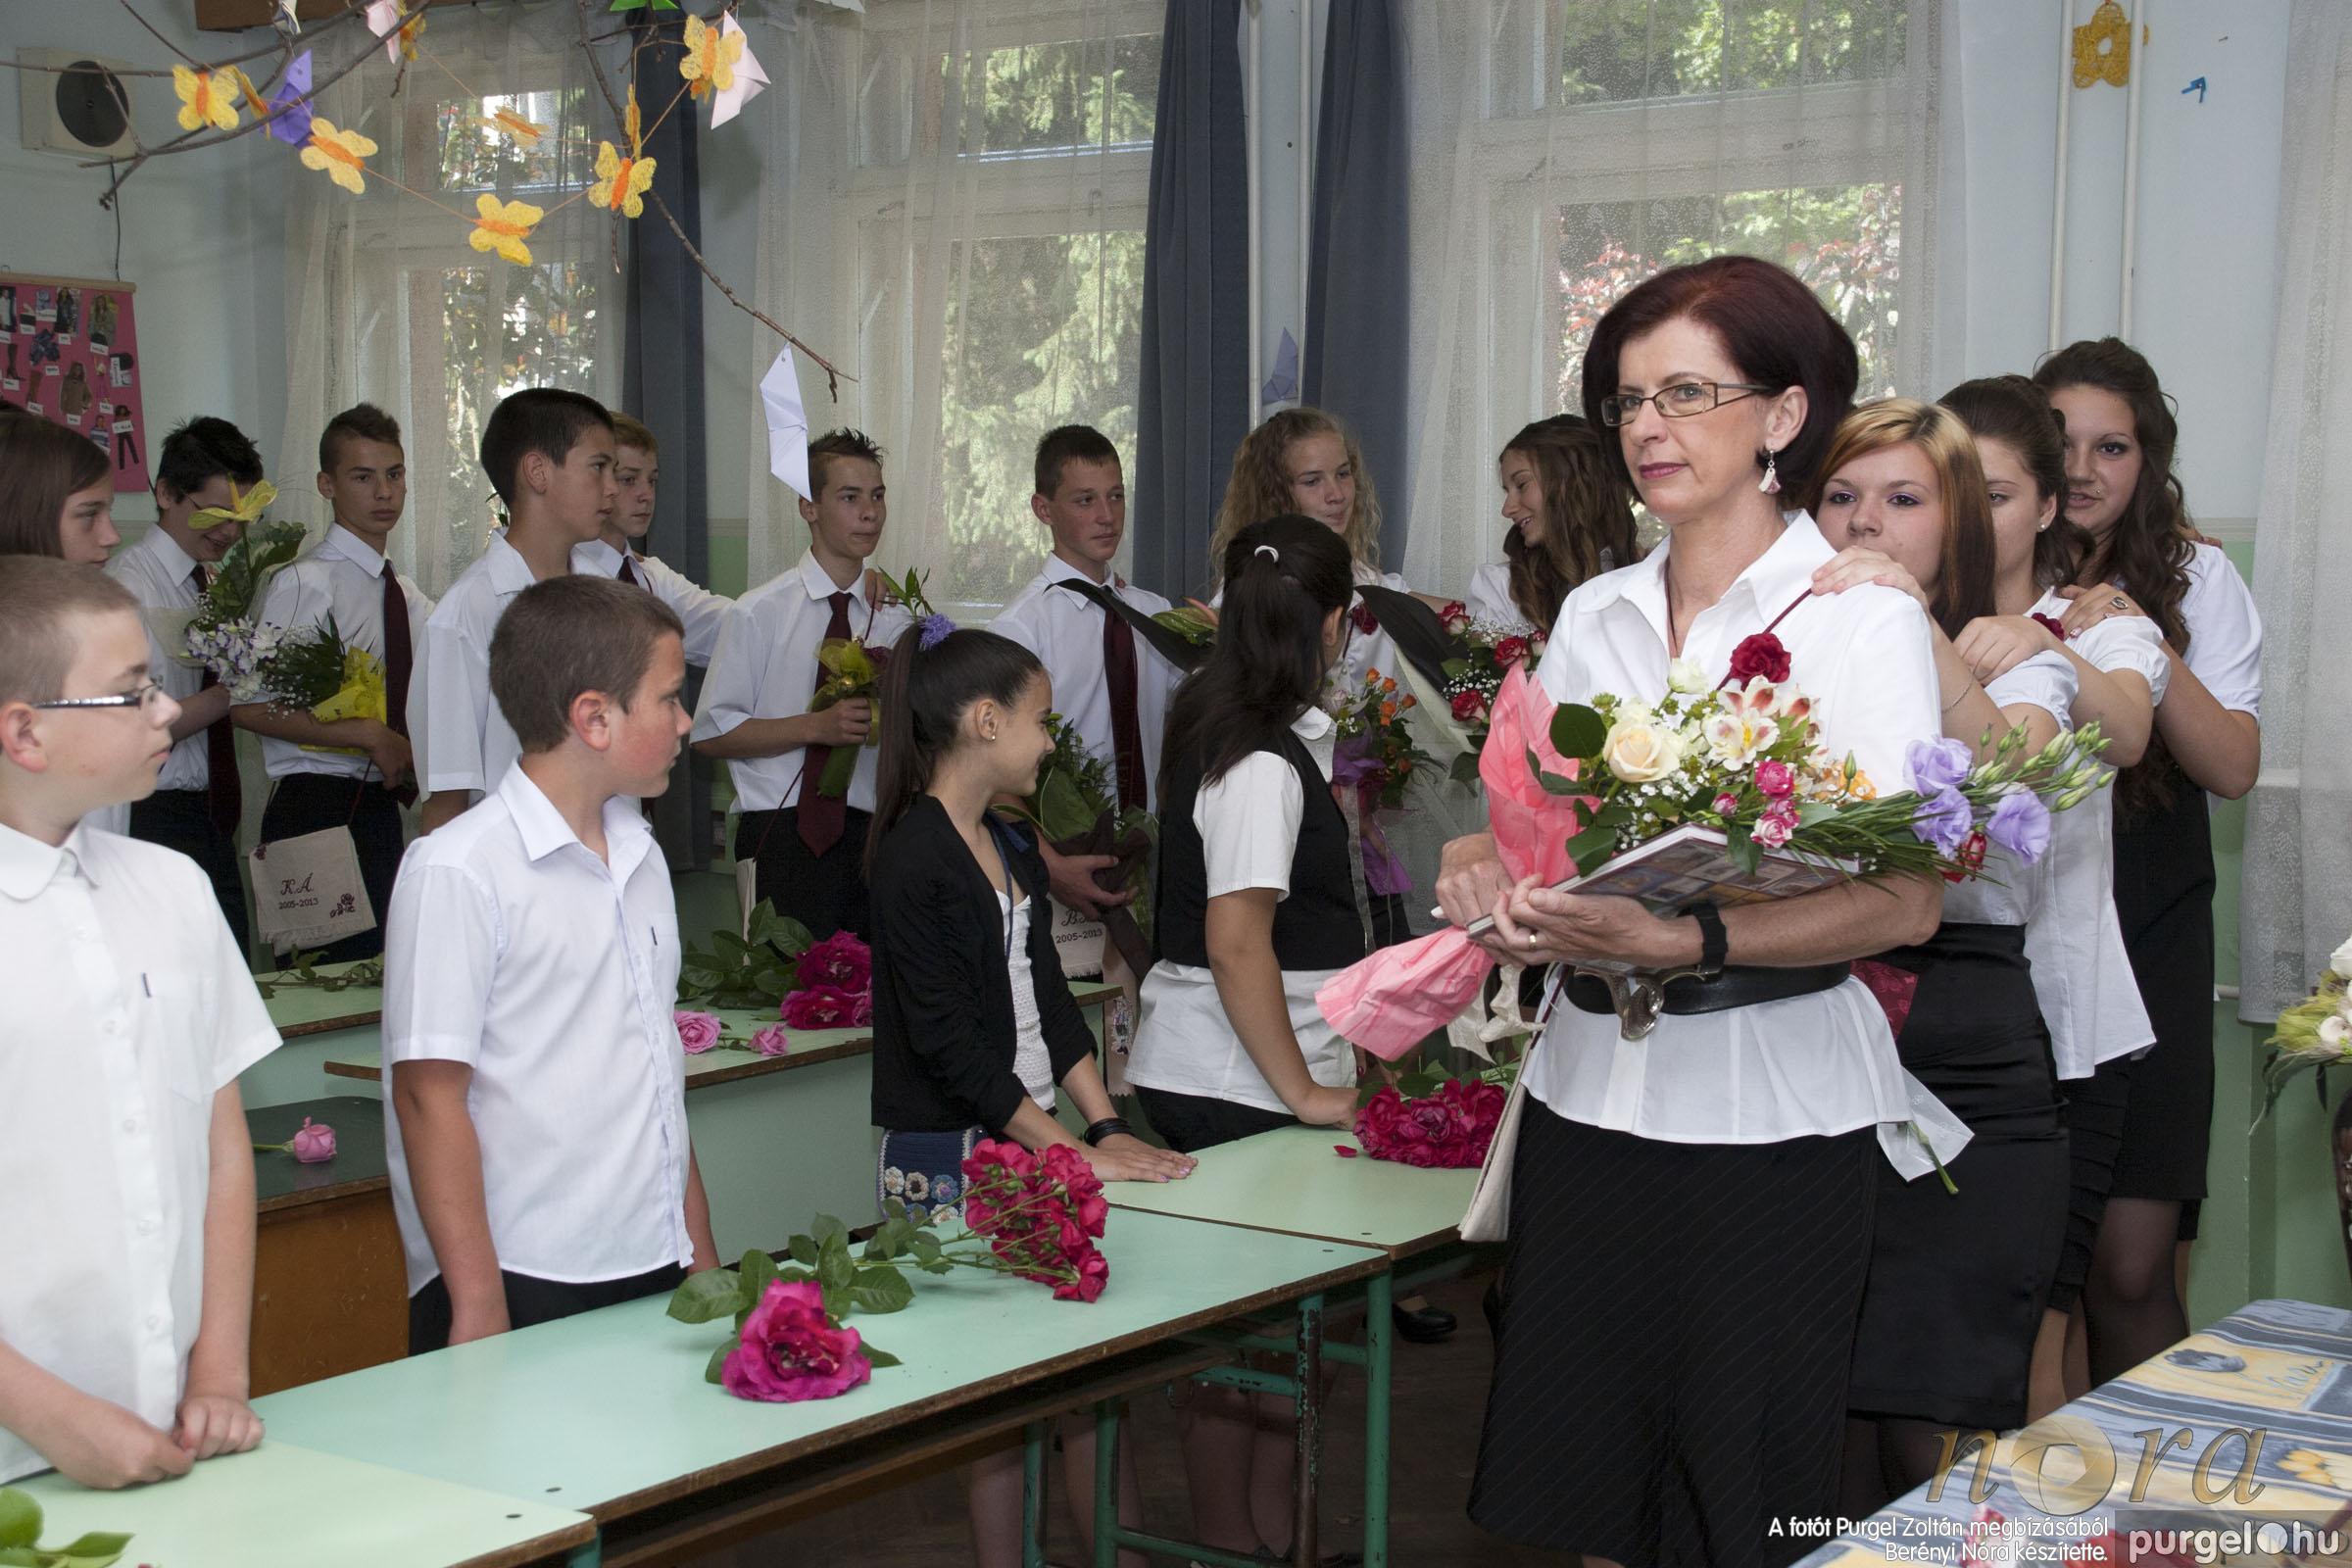 2013.06.15. 135 Forray Máté Általános Iskola ballagás 2013. - Fotó:BERÉNYI NÓRA© _MG_1117.JPG